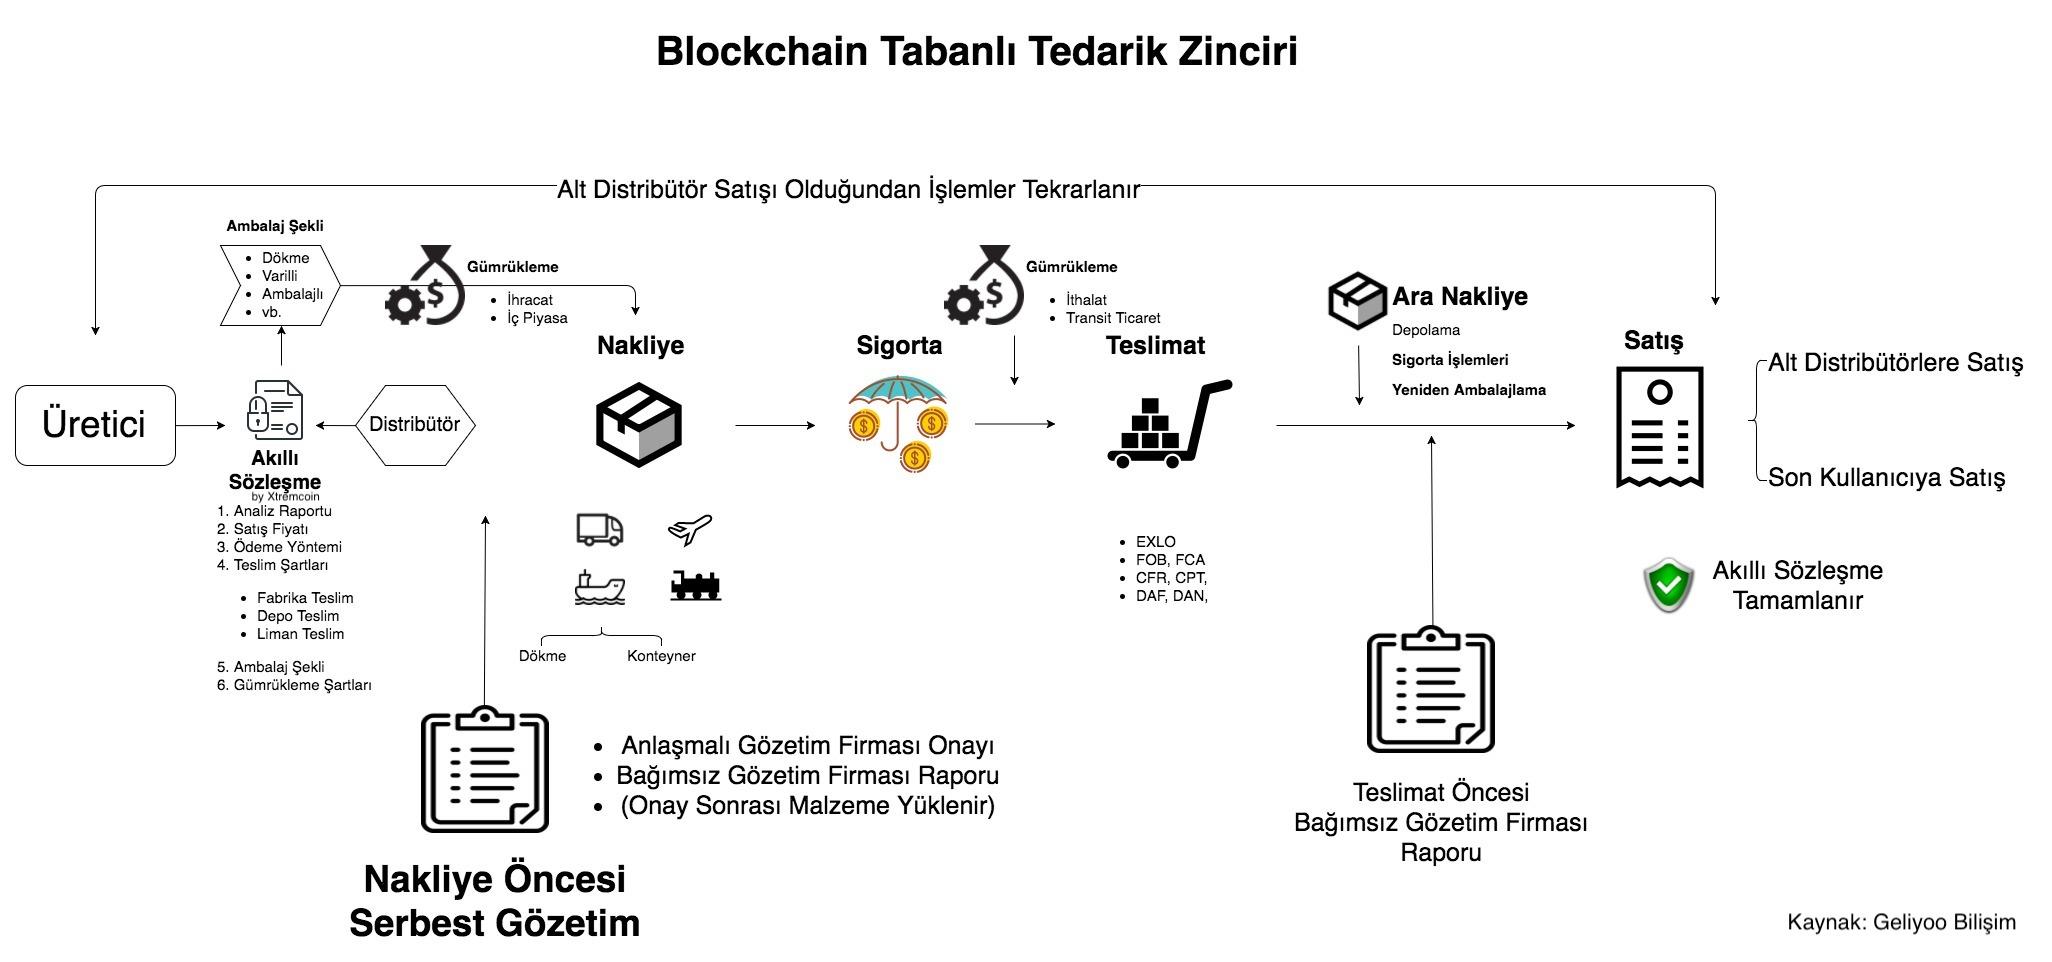 Blockchain Tedarik Zinciri